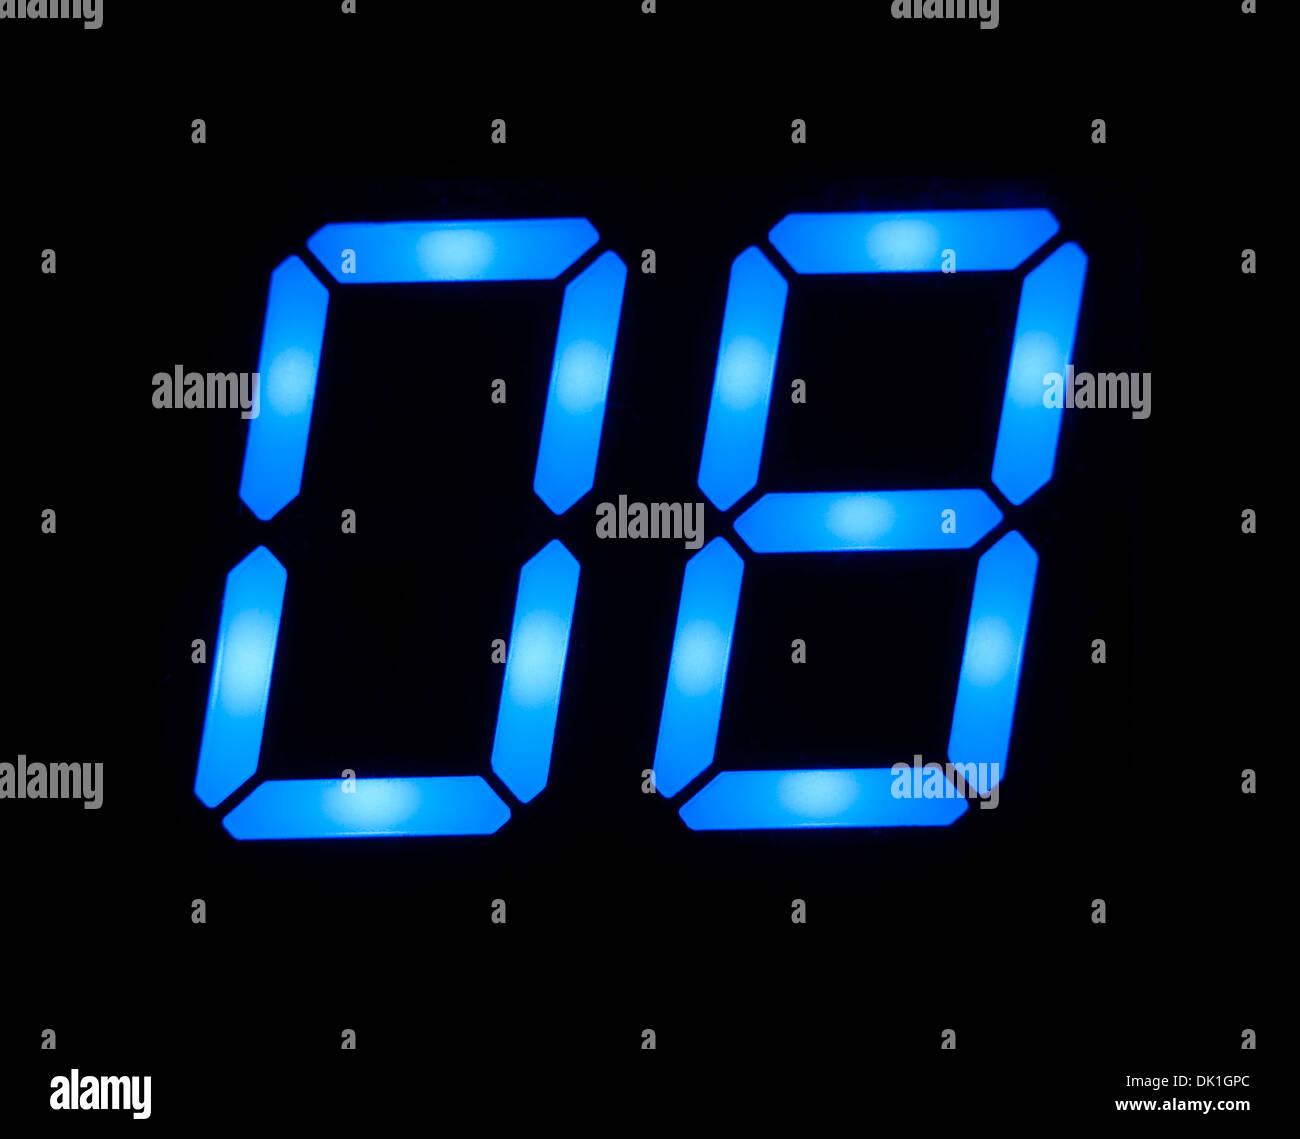 Blue digital number 8 - Stock Image